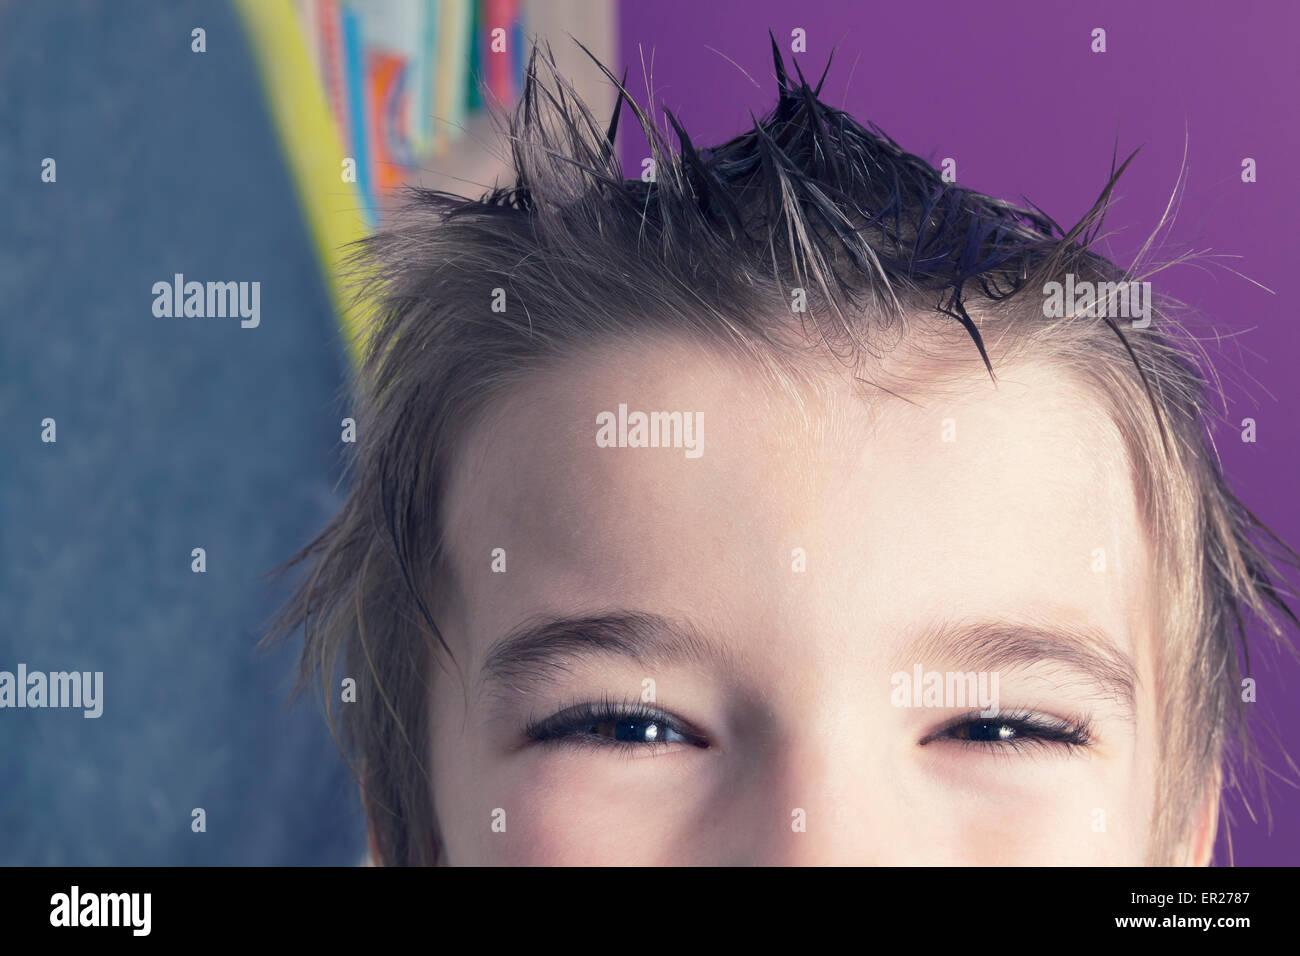 junge 8 Jahre Frisur stacheligen Haaren Stockbild